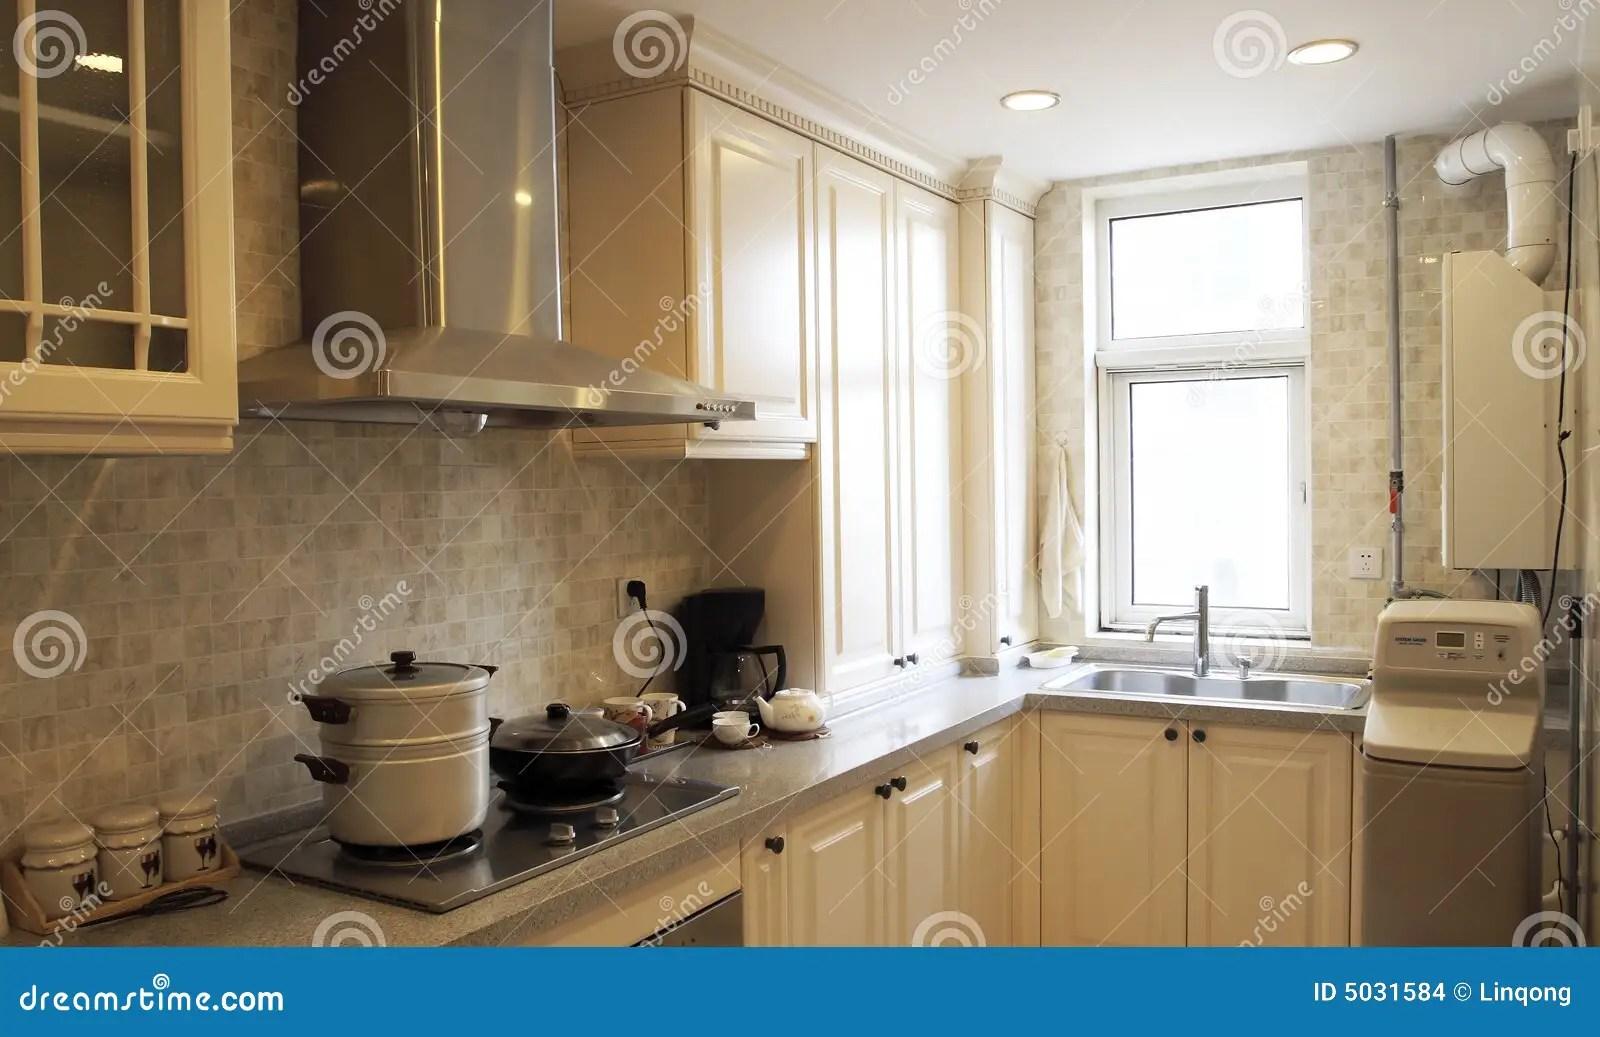 in stock kitchens kitchen storage unit 中国厨房样式库存照片 图片包括有食物 当代 汉语 里面 灌肠器 装饰 中国厨房样式